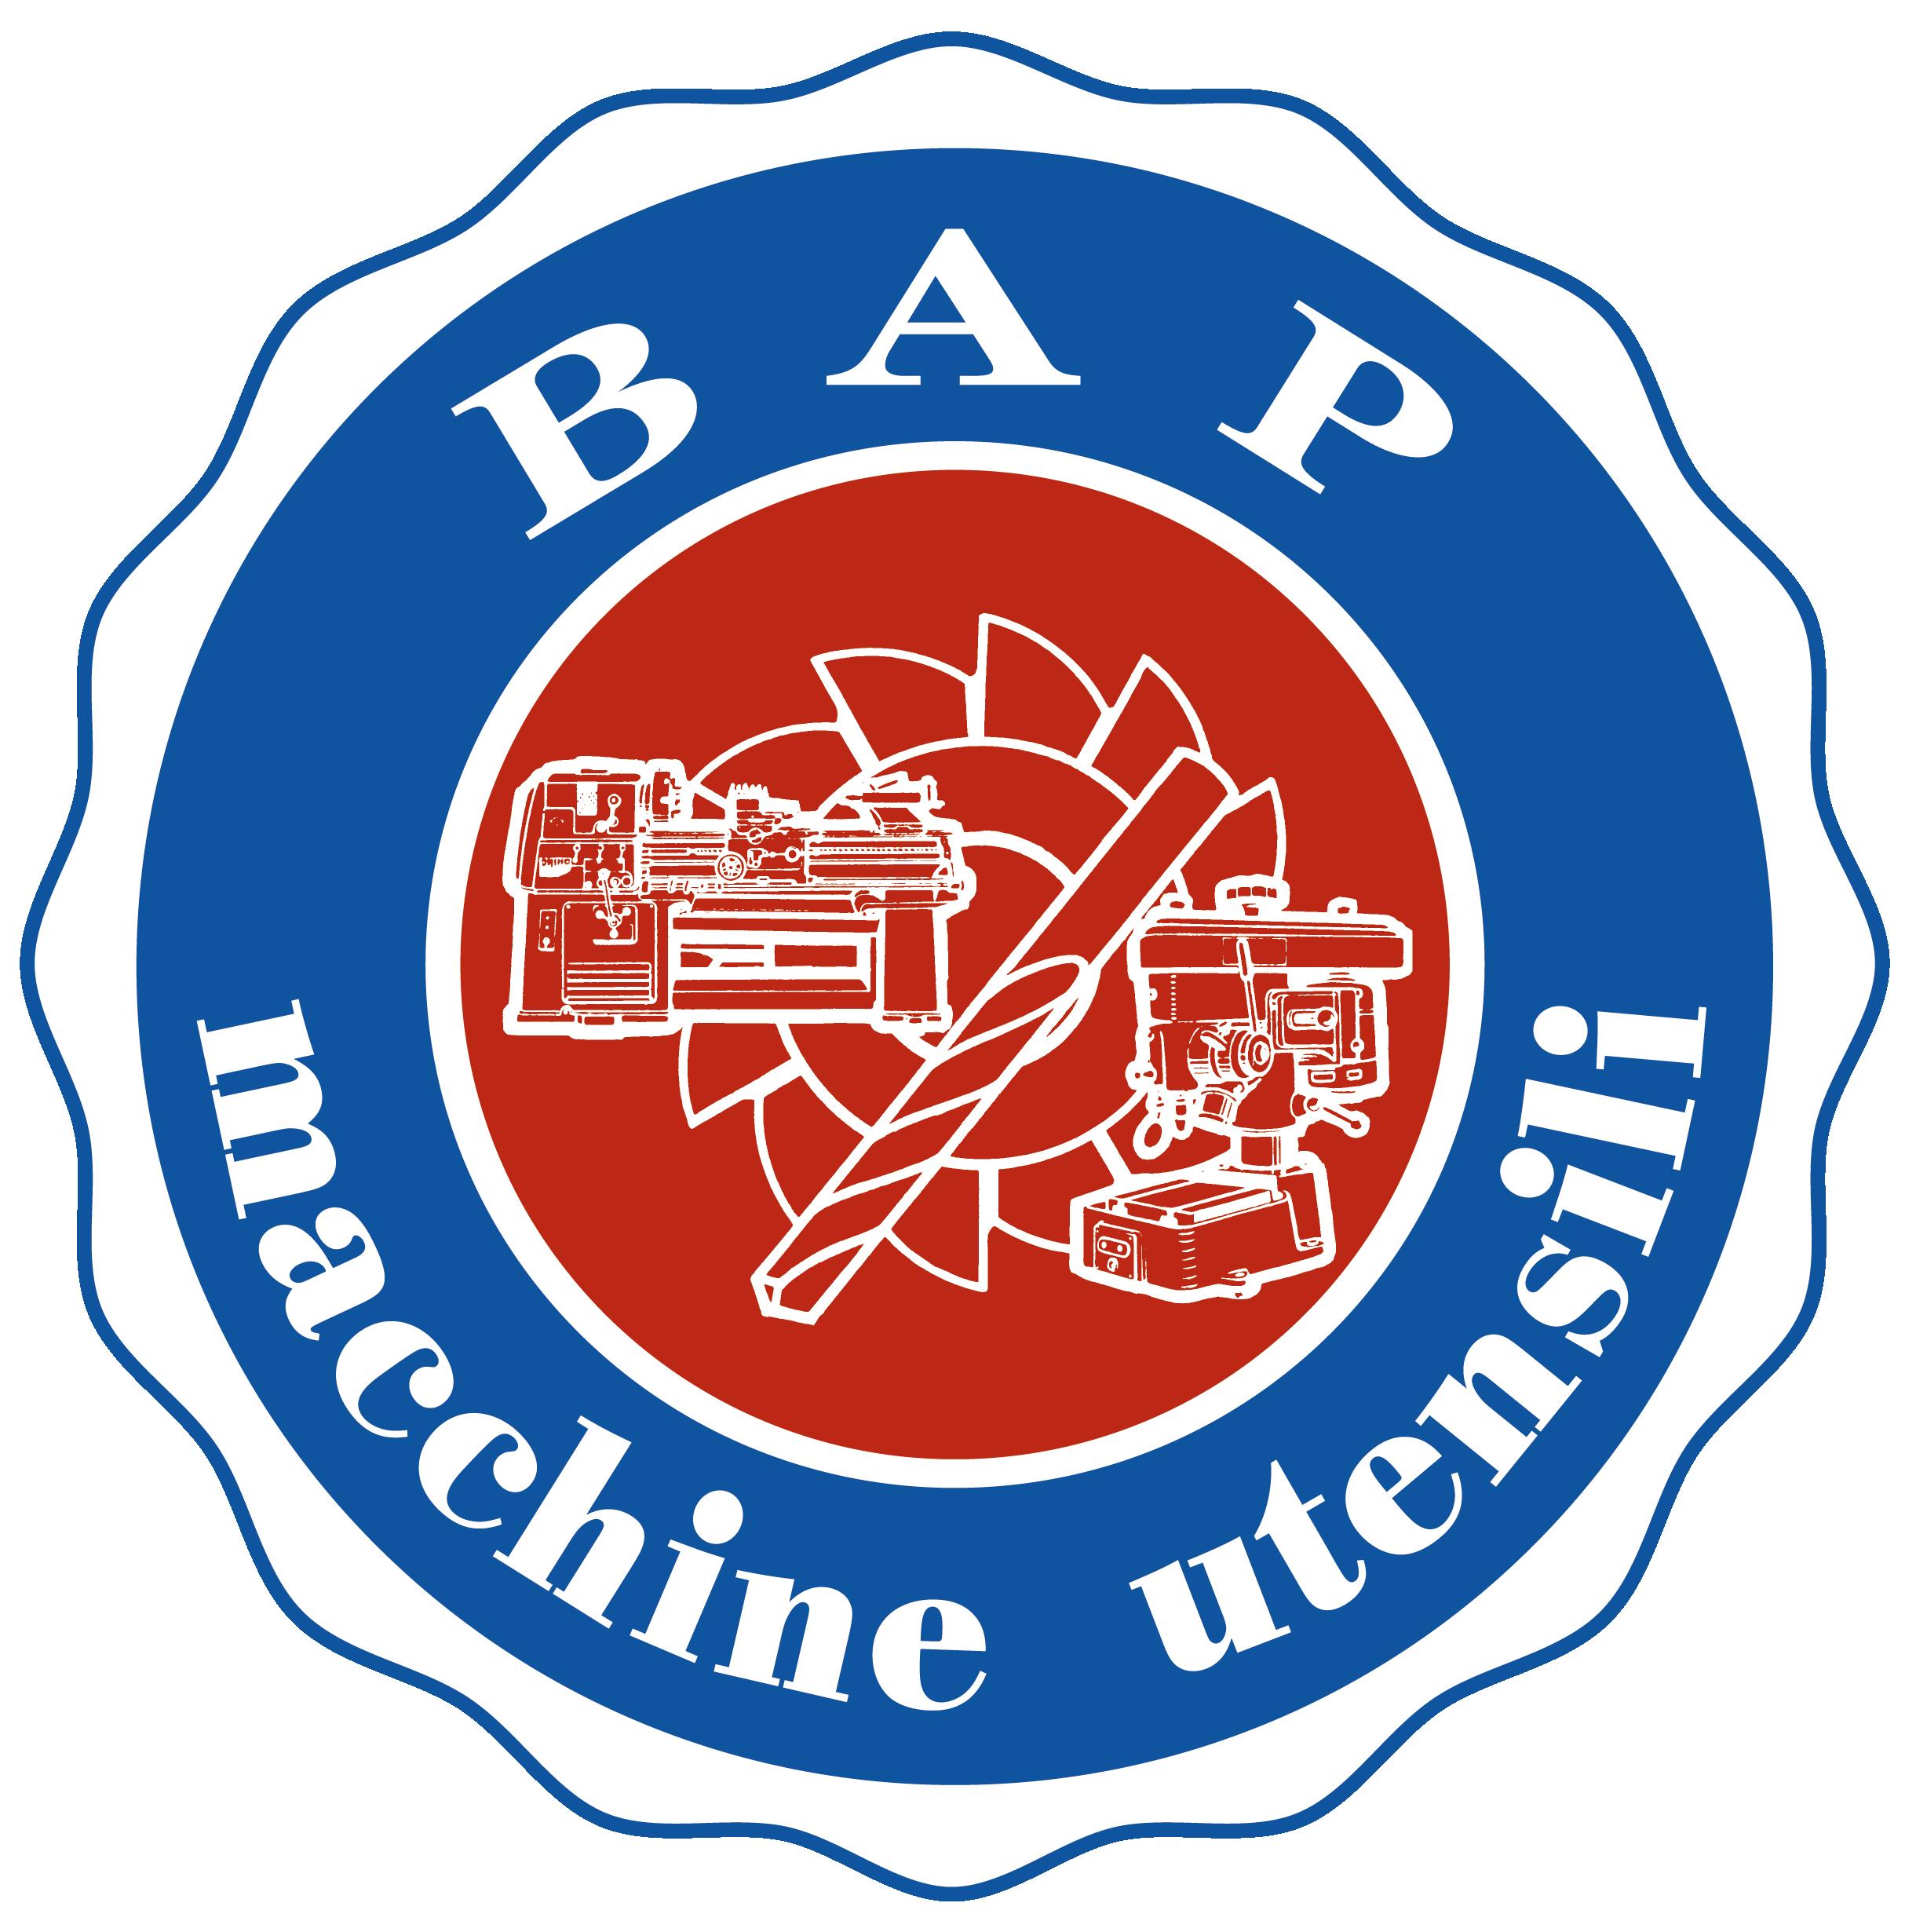 BapSpa